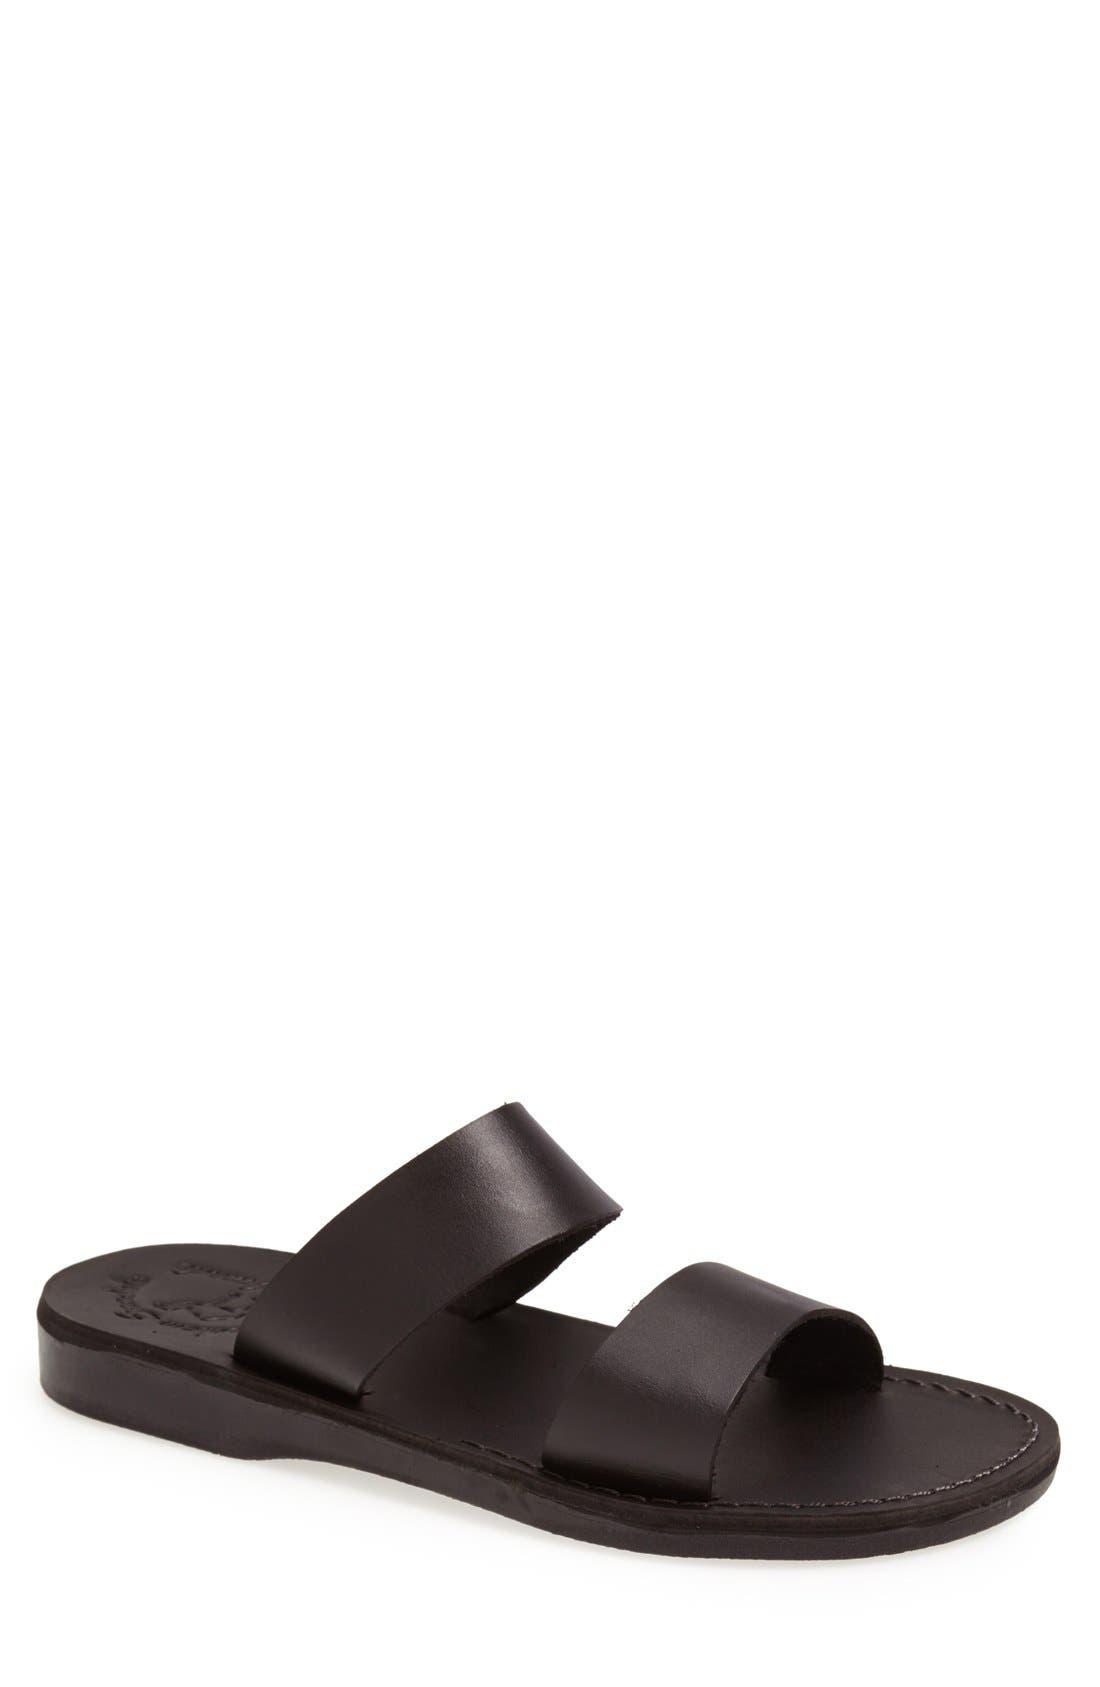 JERUSALEM SANDALS 'Aviv' Leather Sandal, Main, color, BLACK